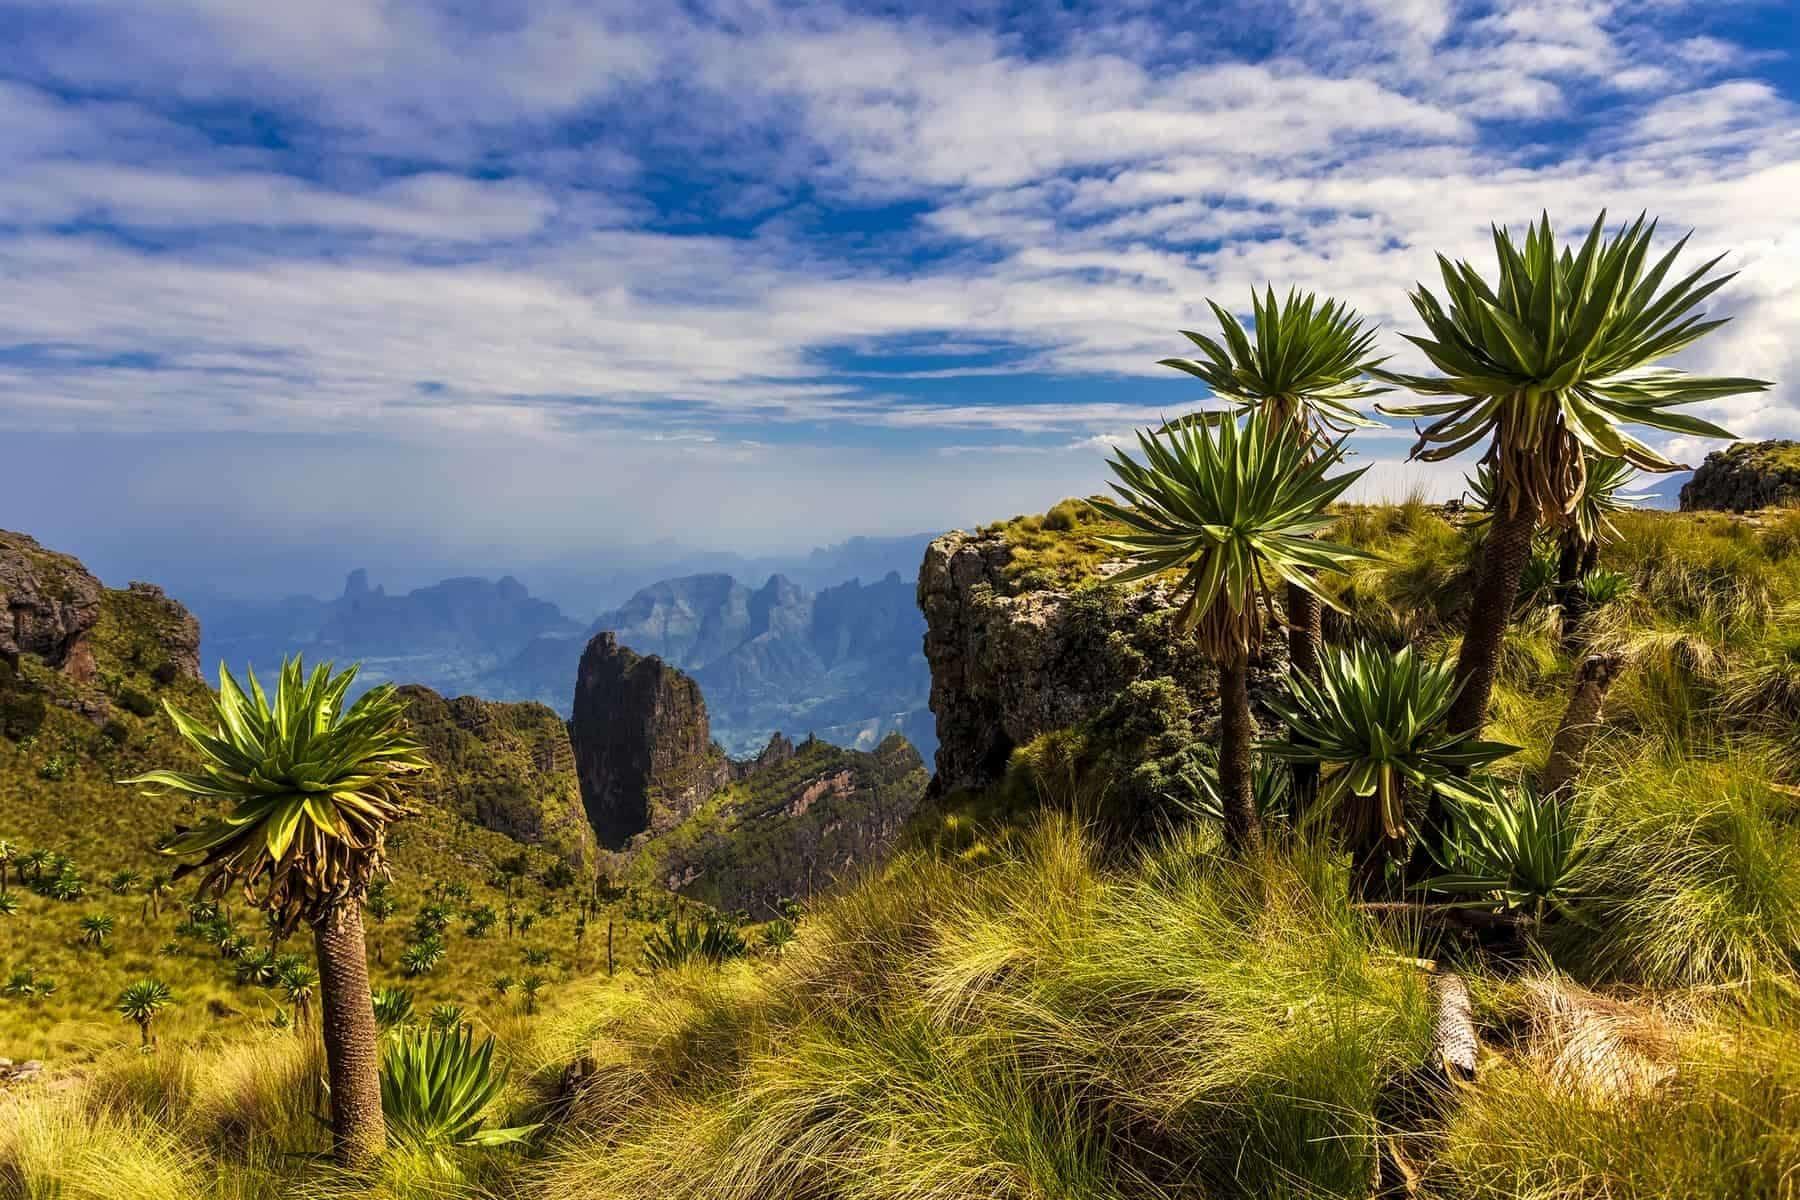 Ethiopia. Simien Mountains National Park. Imet Gogo peak and Giant Lobelia in the foreground